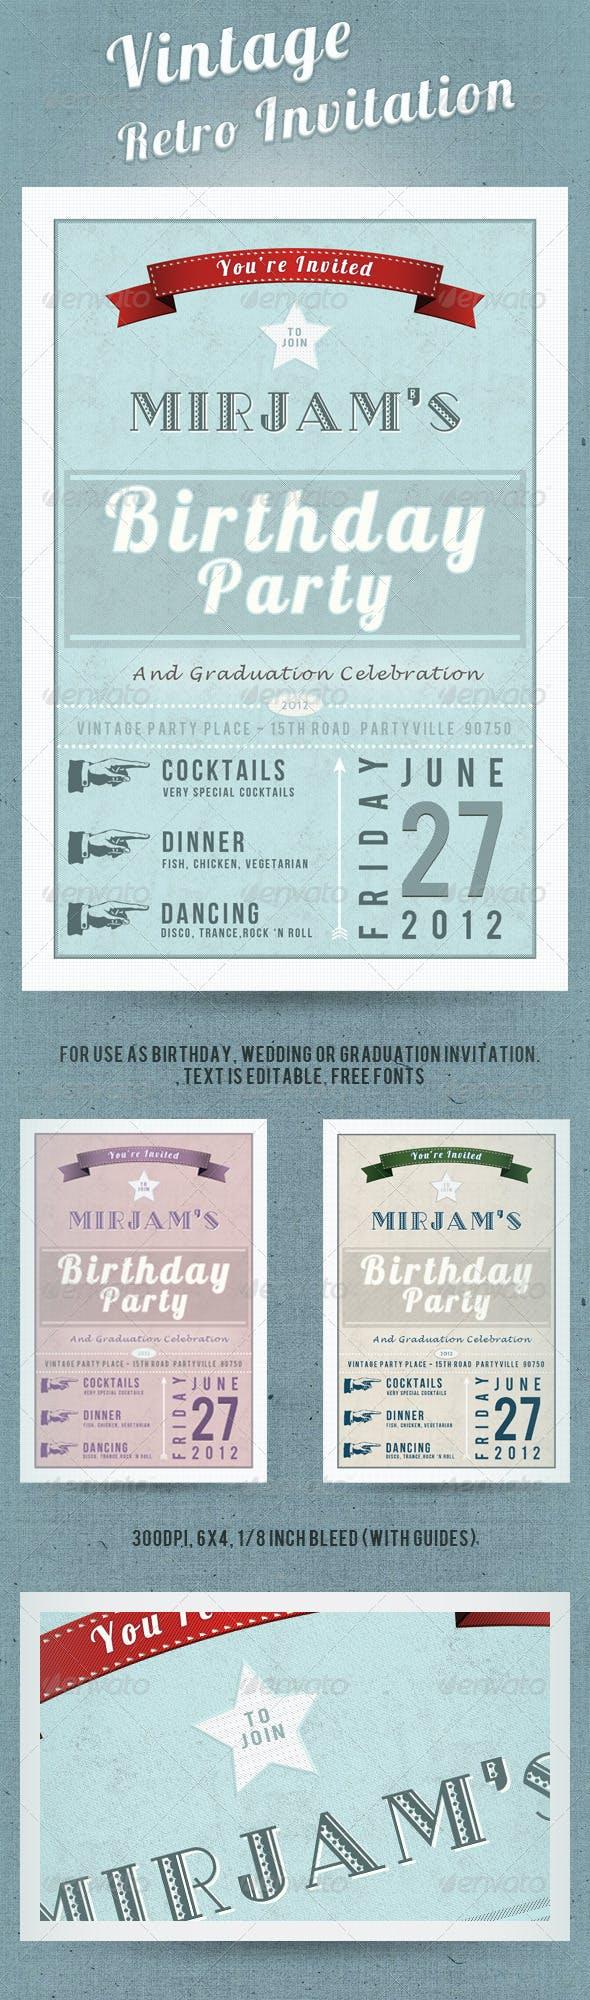 vintage retro invitation postcard by 026design graphicriver